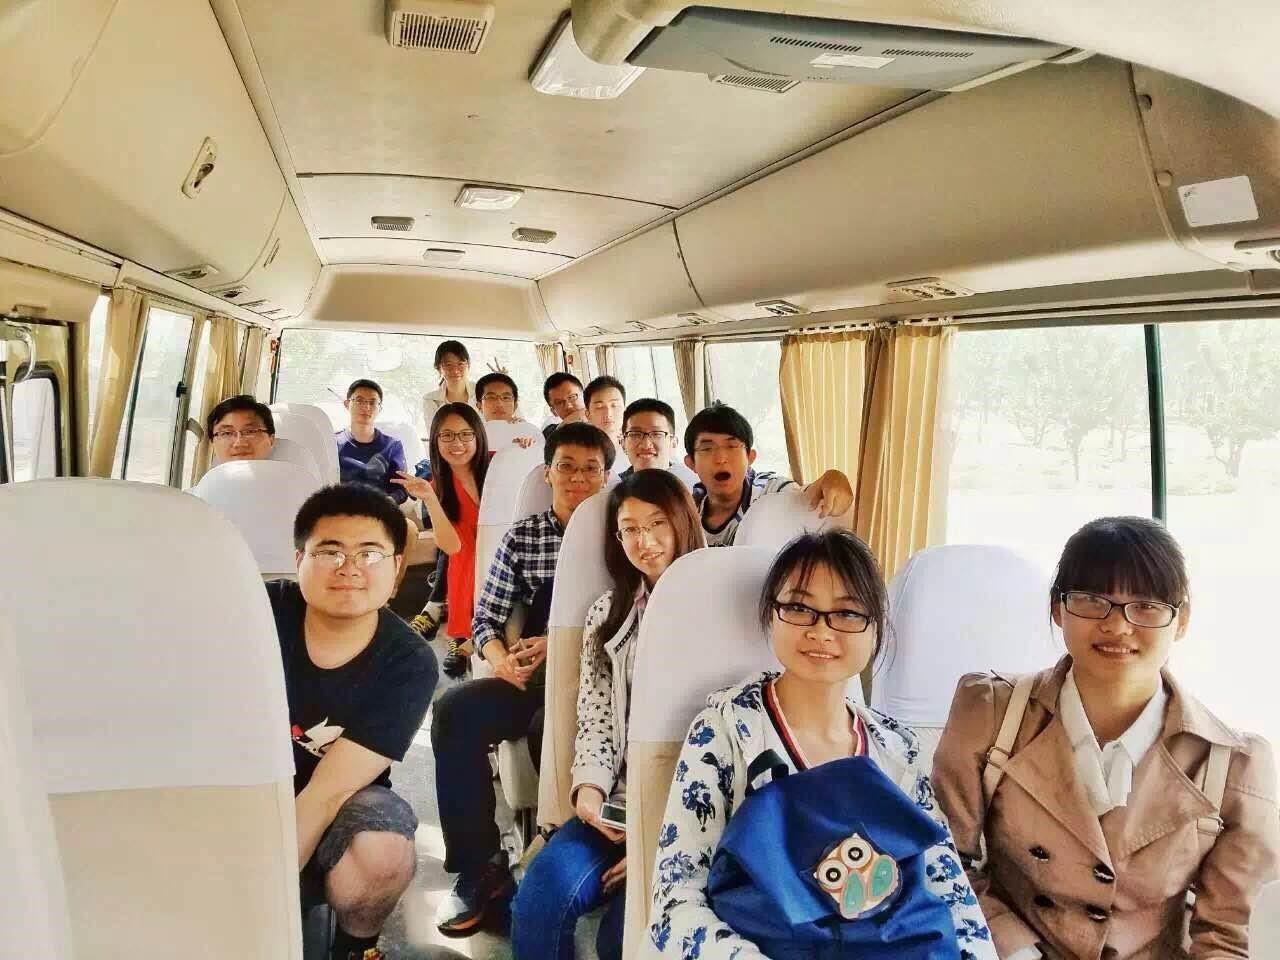 welcome to tong yangs homepage netpkueducn - HD1280×960